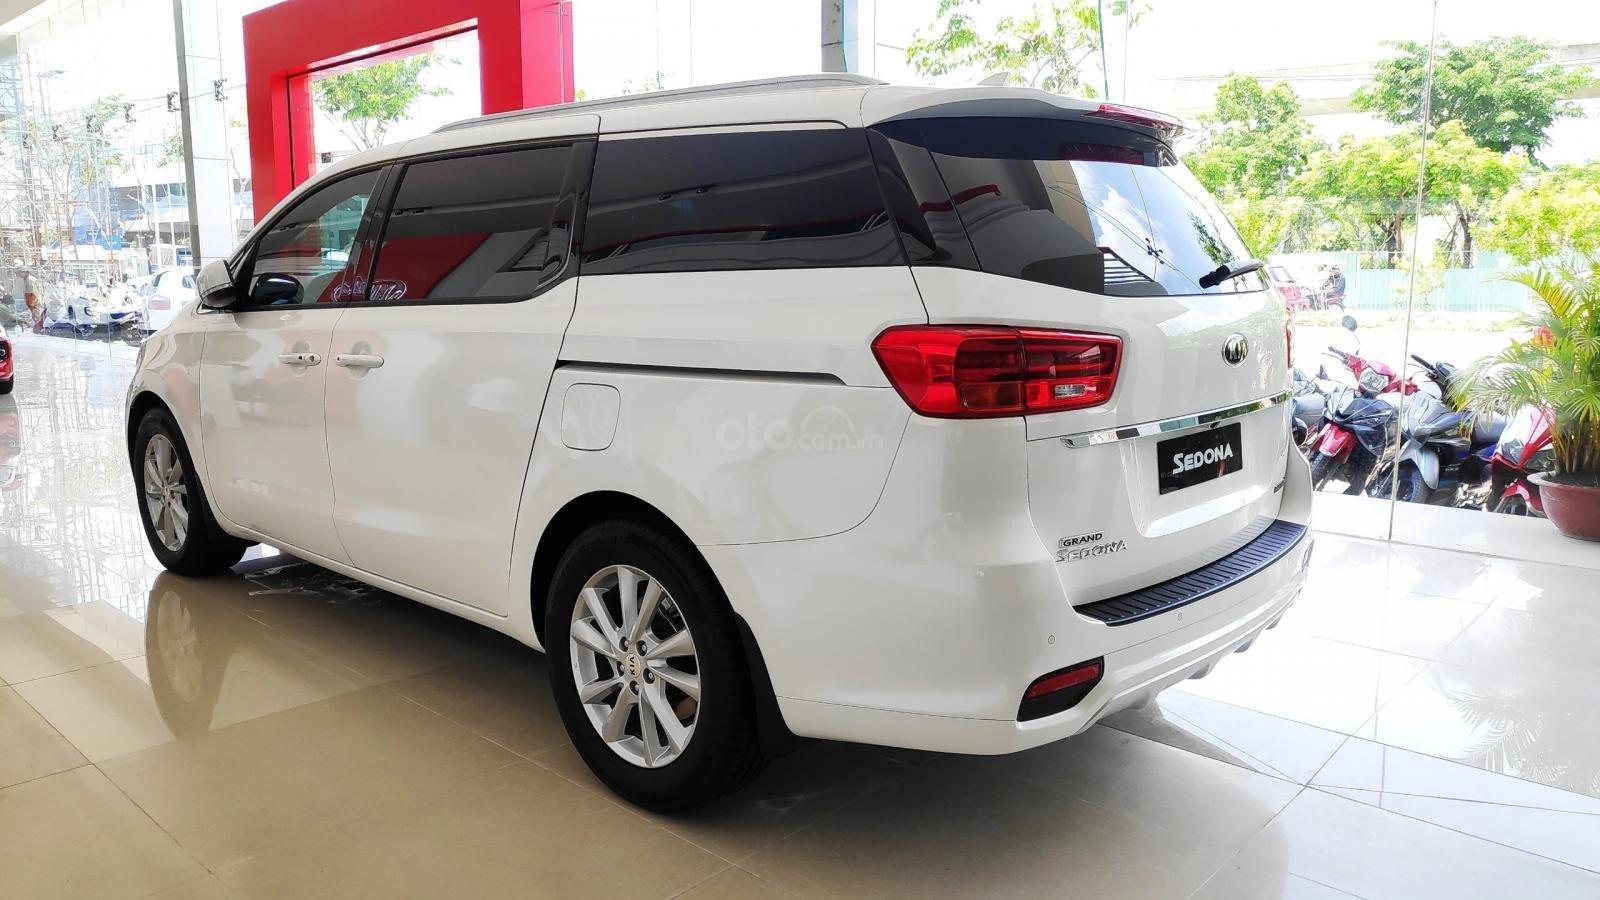 Kia Sedona Luxury - Giảm giá tiền mặt + Tặng bảo hiểm thân vỏ + Tặng camera - Liên hệ PKD Kia Thảo Điền 0961.563.593 (5)